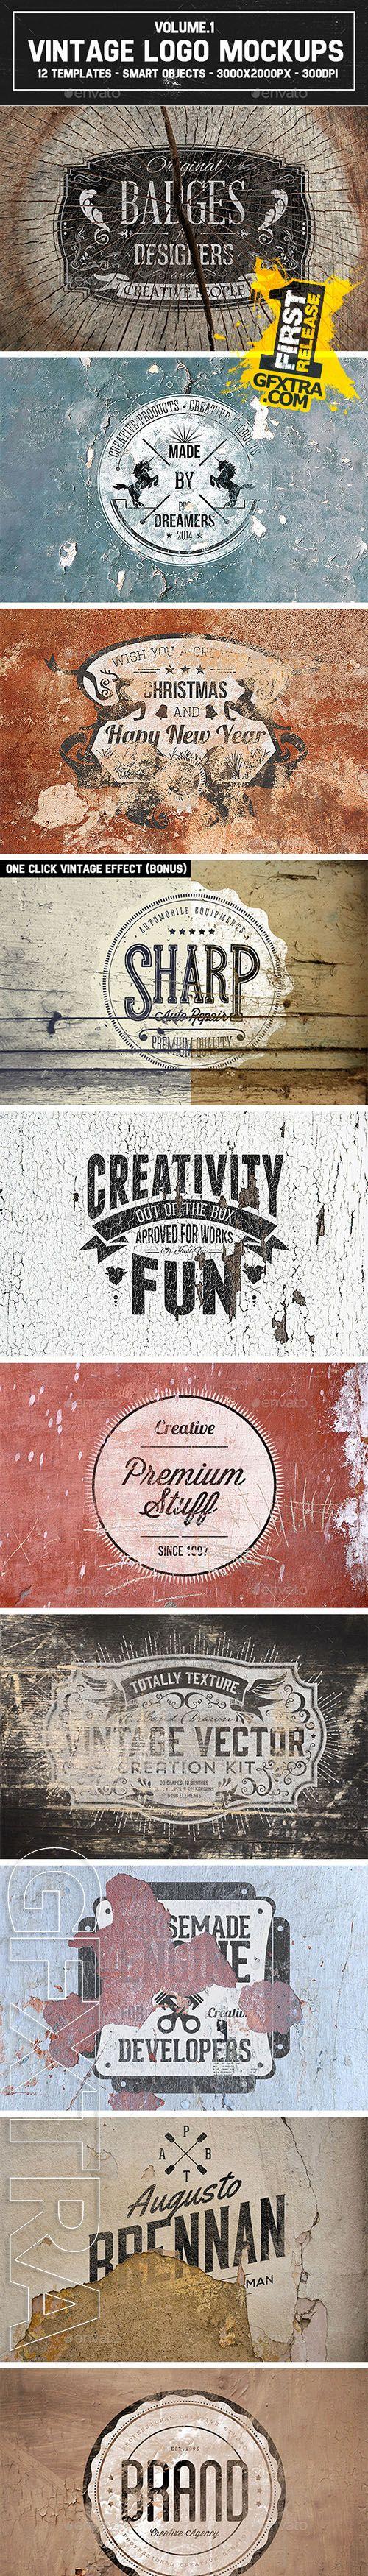 Graphicriver - 12 Vintage Logo Mockups Vol.1 9159219